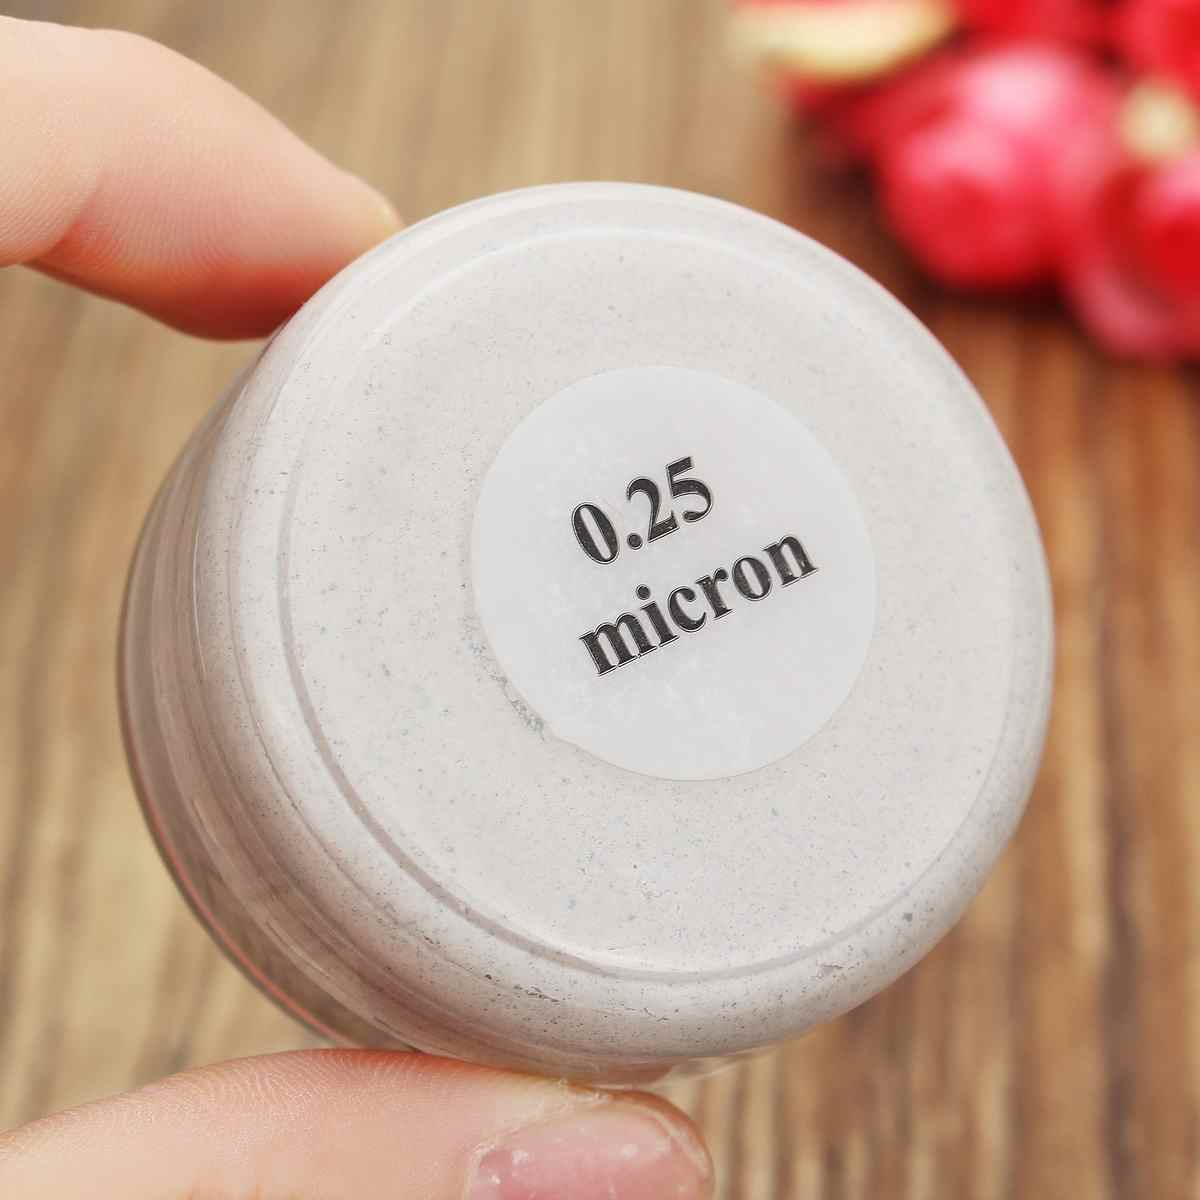 1 ขวด 0.25 ไมครอนเพชรขัดขัดเงา 20 กรัมแก้วโลหะอุปกรณ์ขัดเครื่องมือขัด